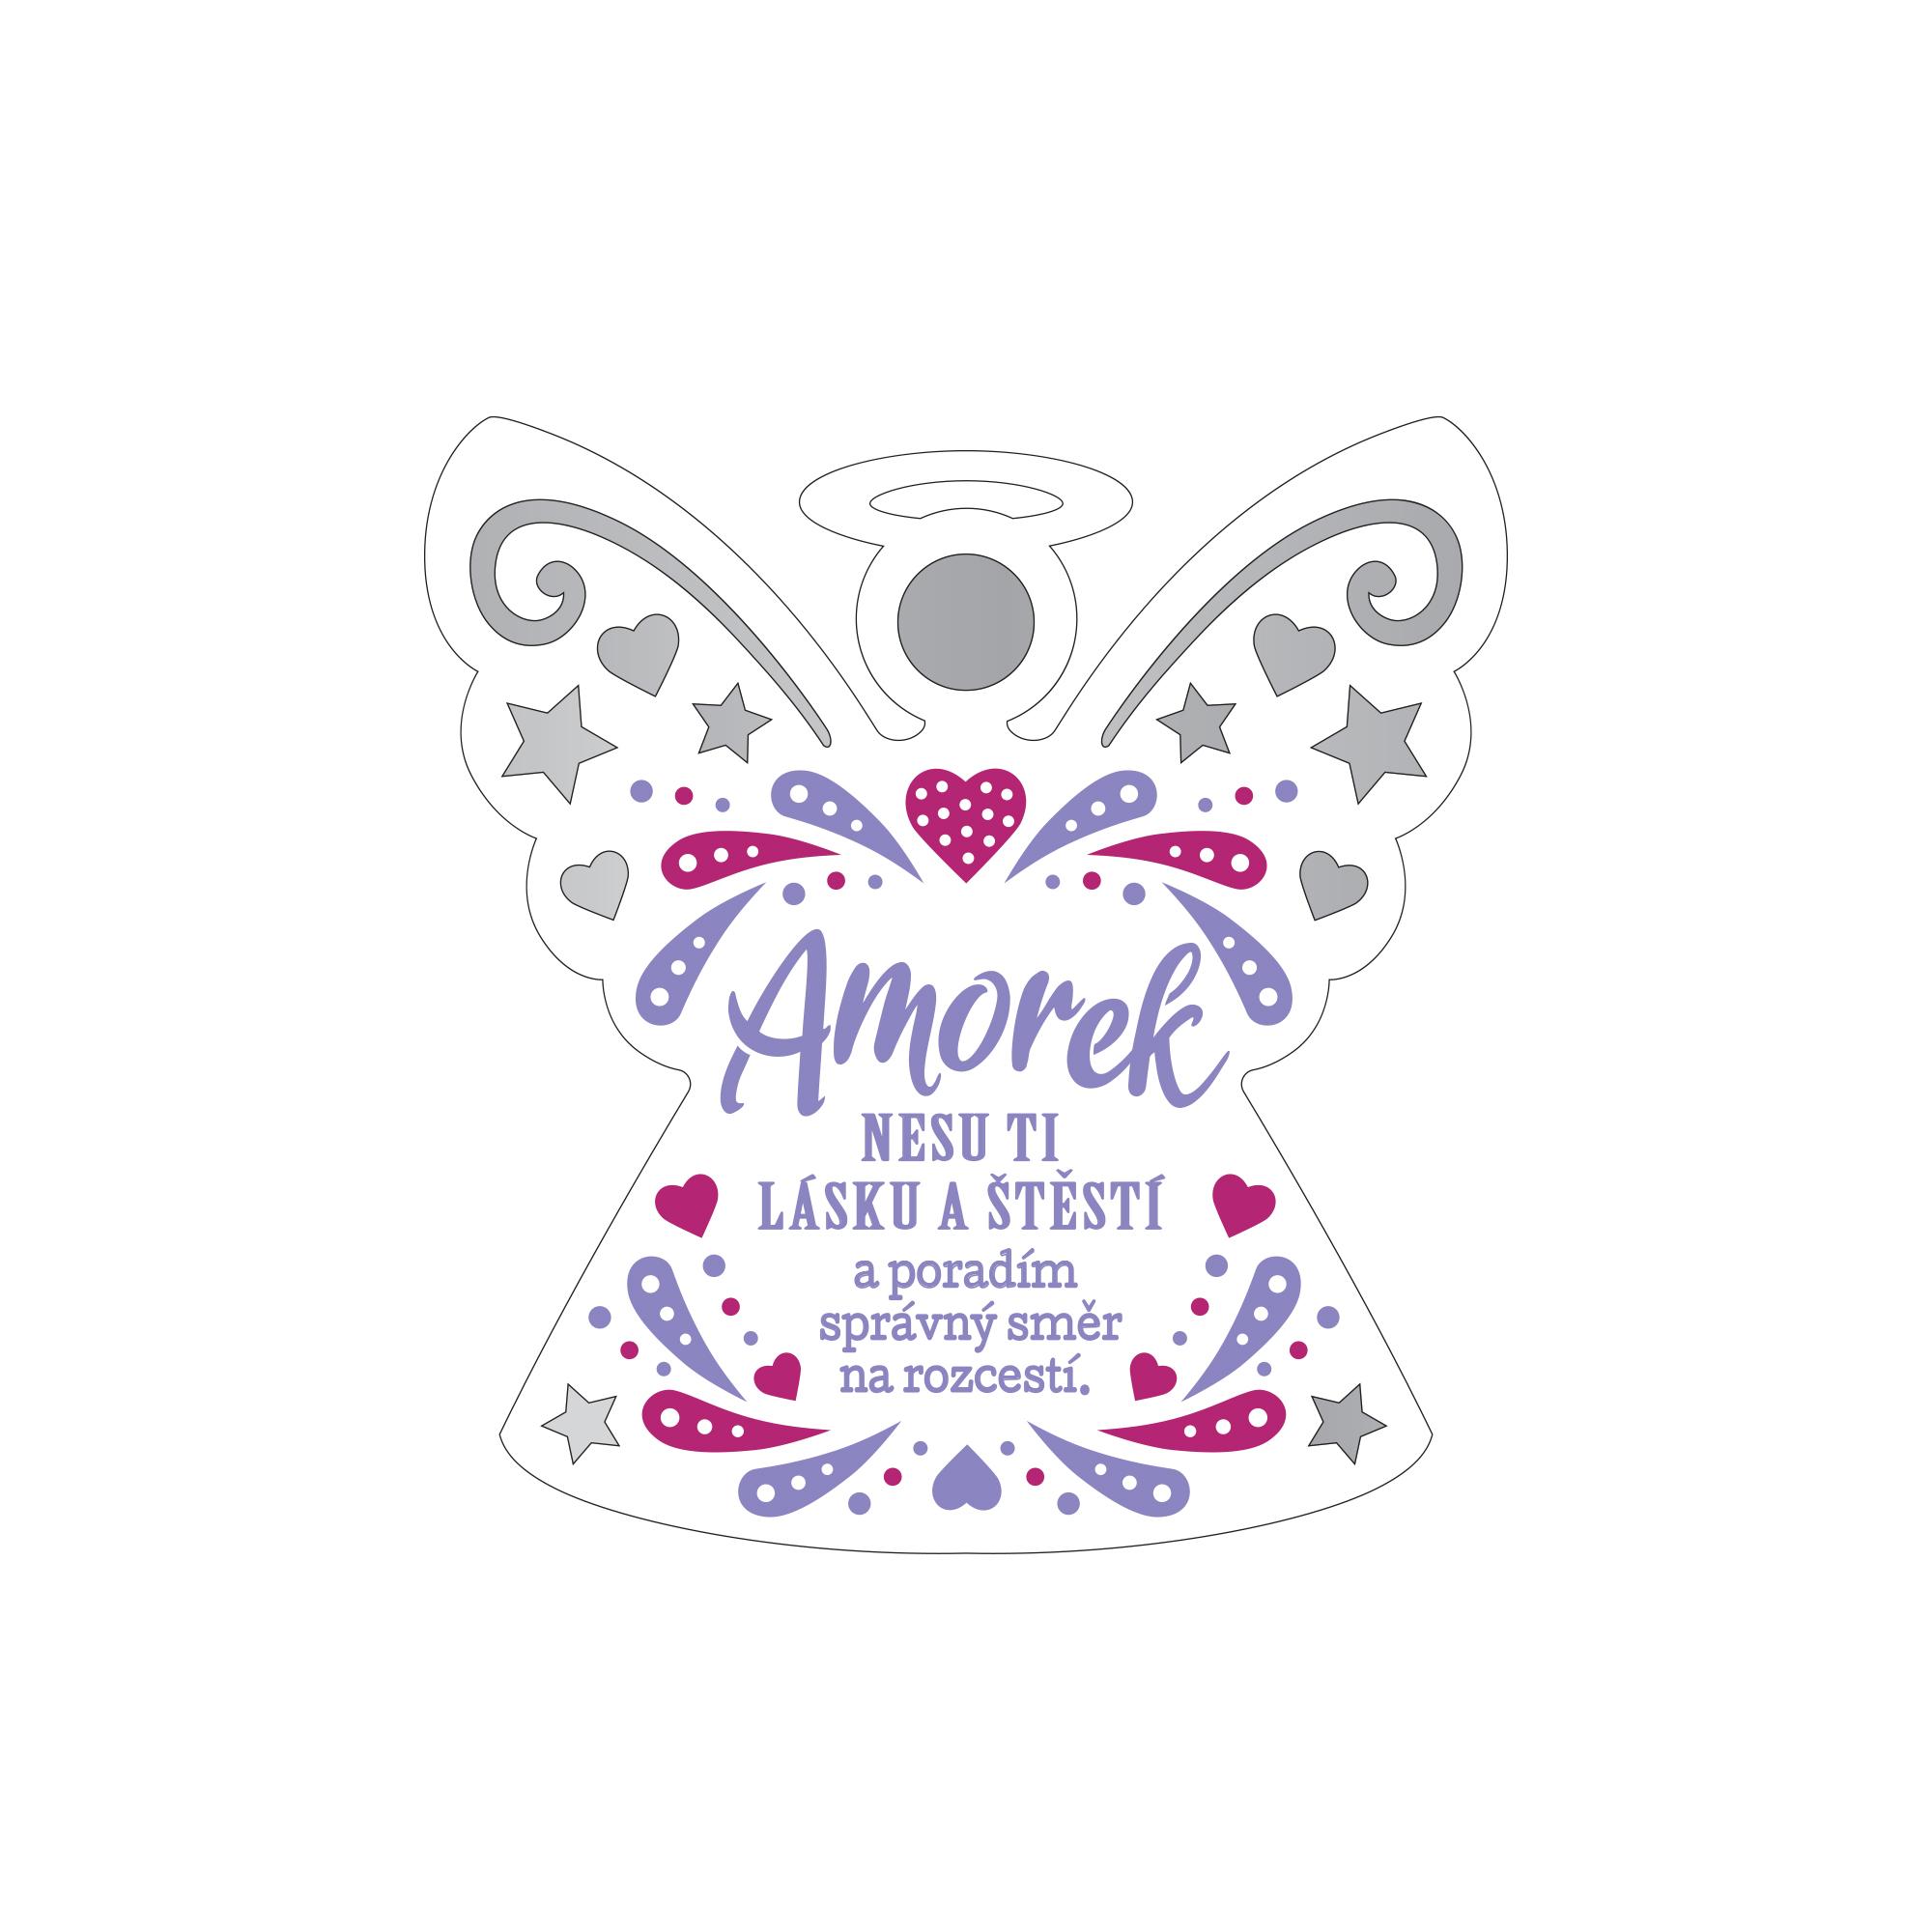 Plaketka anděl - Amorek